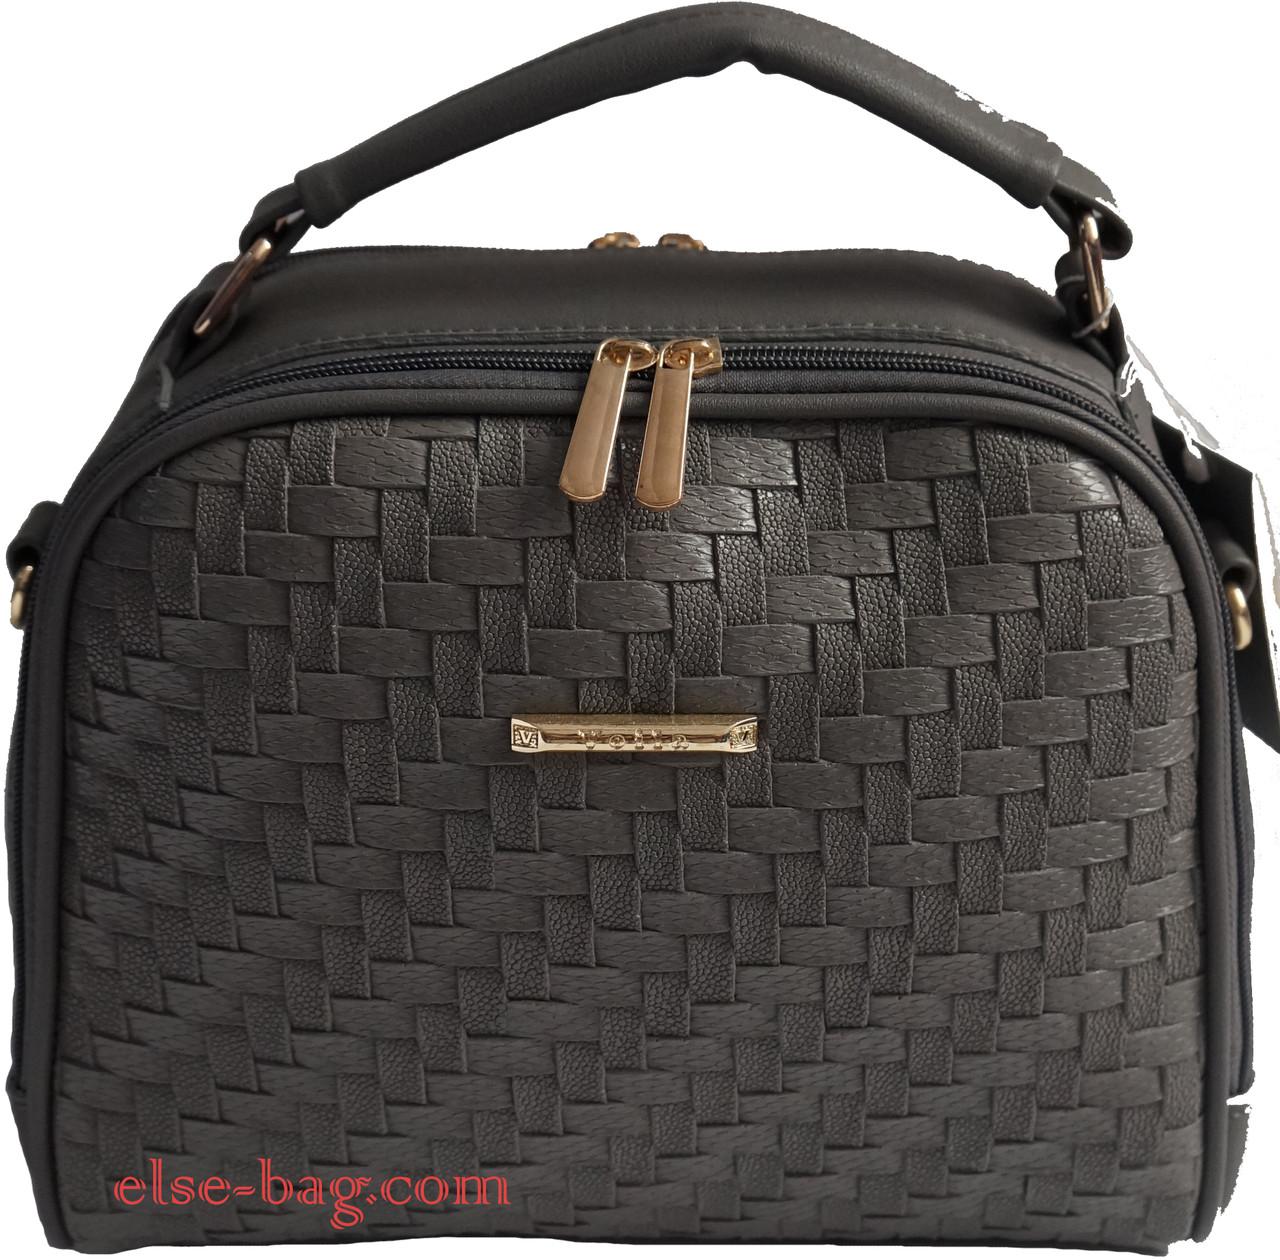 Женская сумка через плечо, полукруглая  продажа, цена в Харькове ... 22ec0d22abe